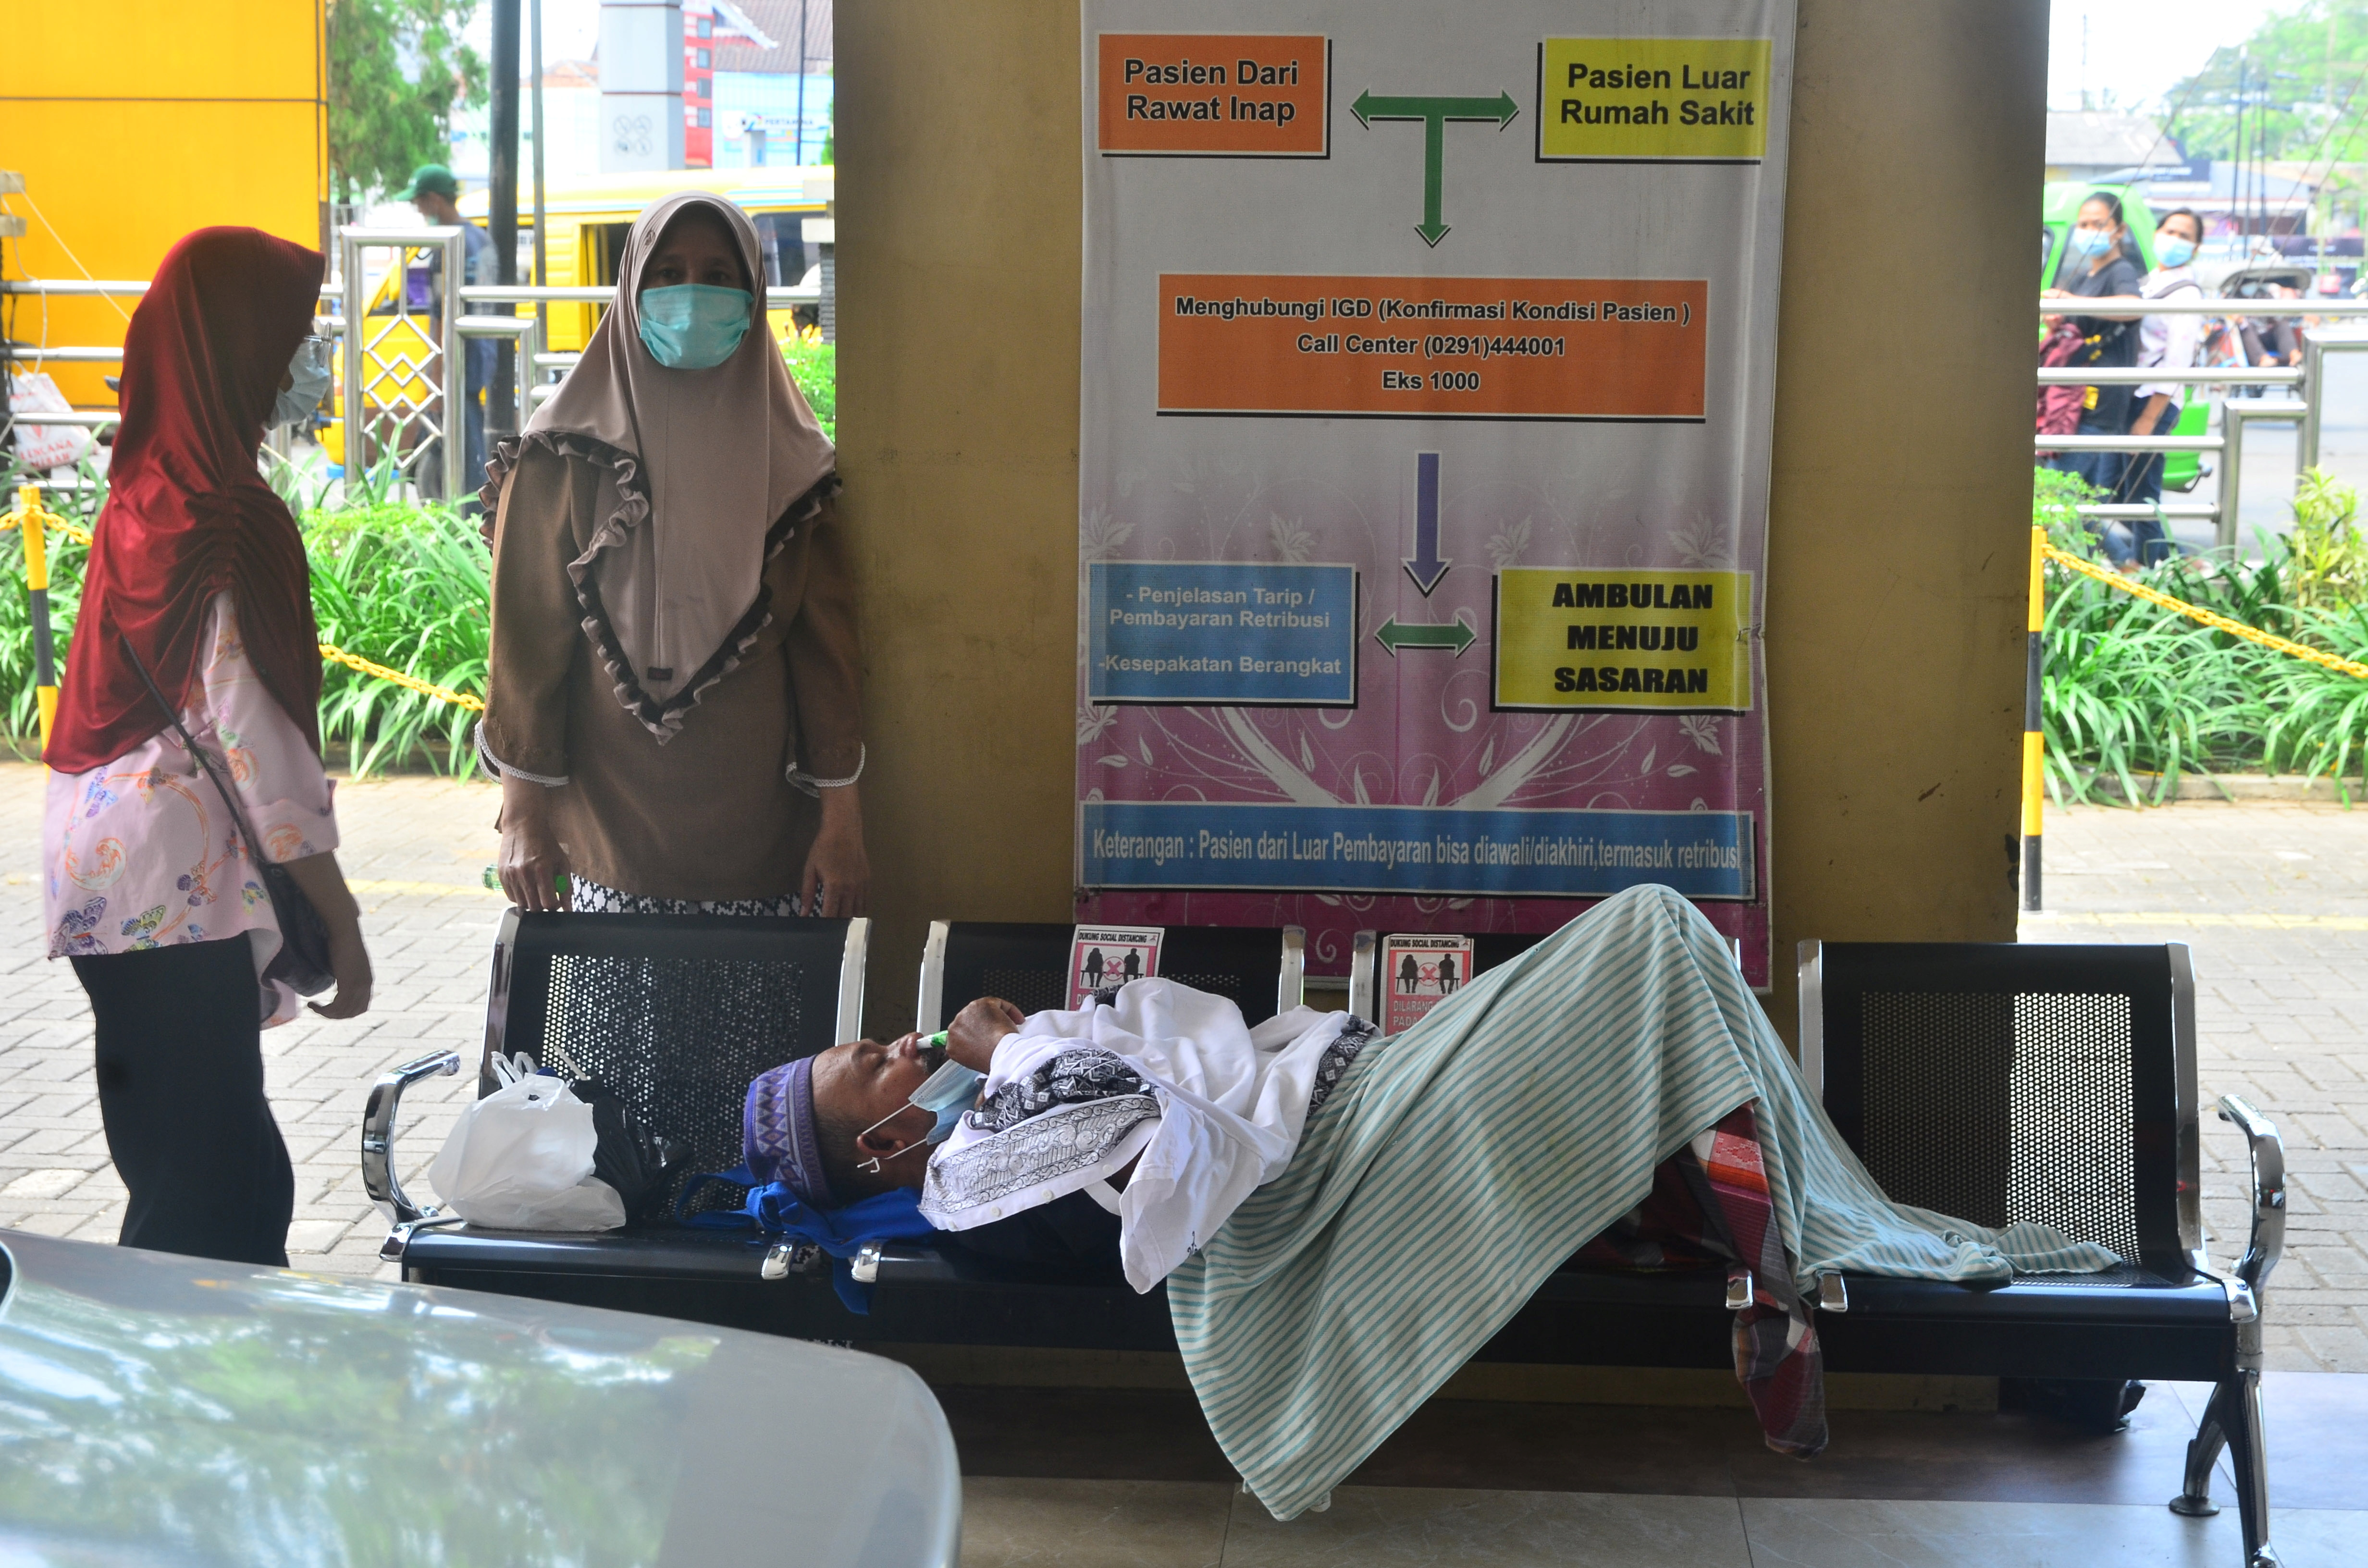 Seorang pasien terbaring di bangku saat mengantre untuk dirawat di ruang gawat darurat RSUP Dr Loekmono Hadi, di tengah pandemi virus corona COVID19 di Kudus, Provinsi Jawa Tengah, Indonesia, 2 Juni 2021 Antara Foto /Yusuf Nugroho/via REUTERS